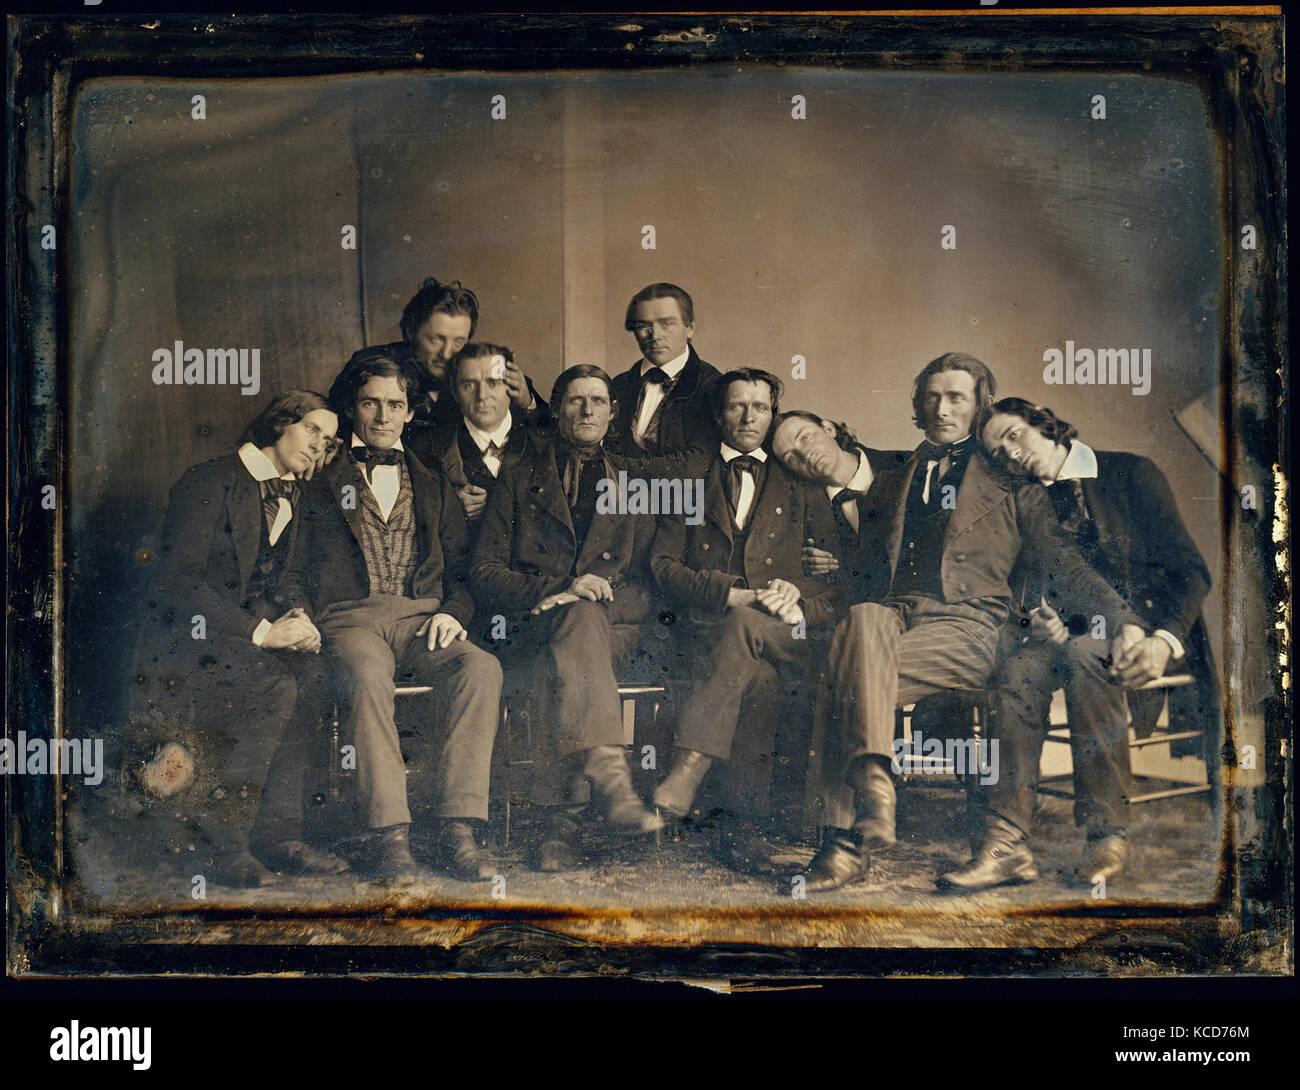 Hutchinson Familie Sänger, 1845, daguerreotypie, Bild: 14,4 x 19,7 cm (5 11/16 x 7 3/4 in.), Fotografien, unbekannt Stockbild